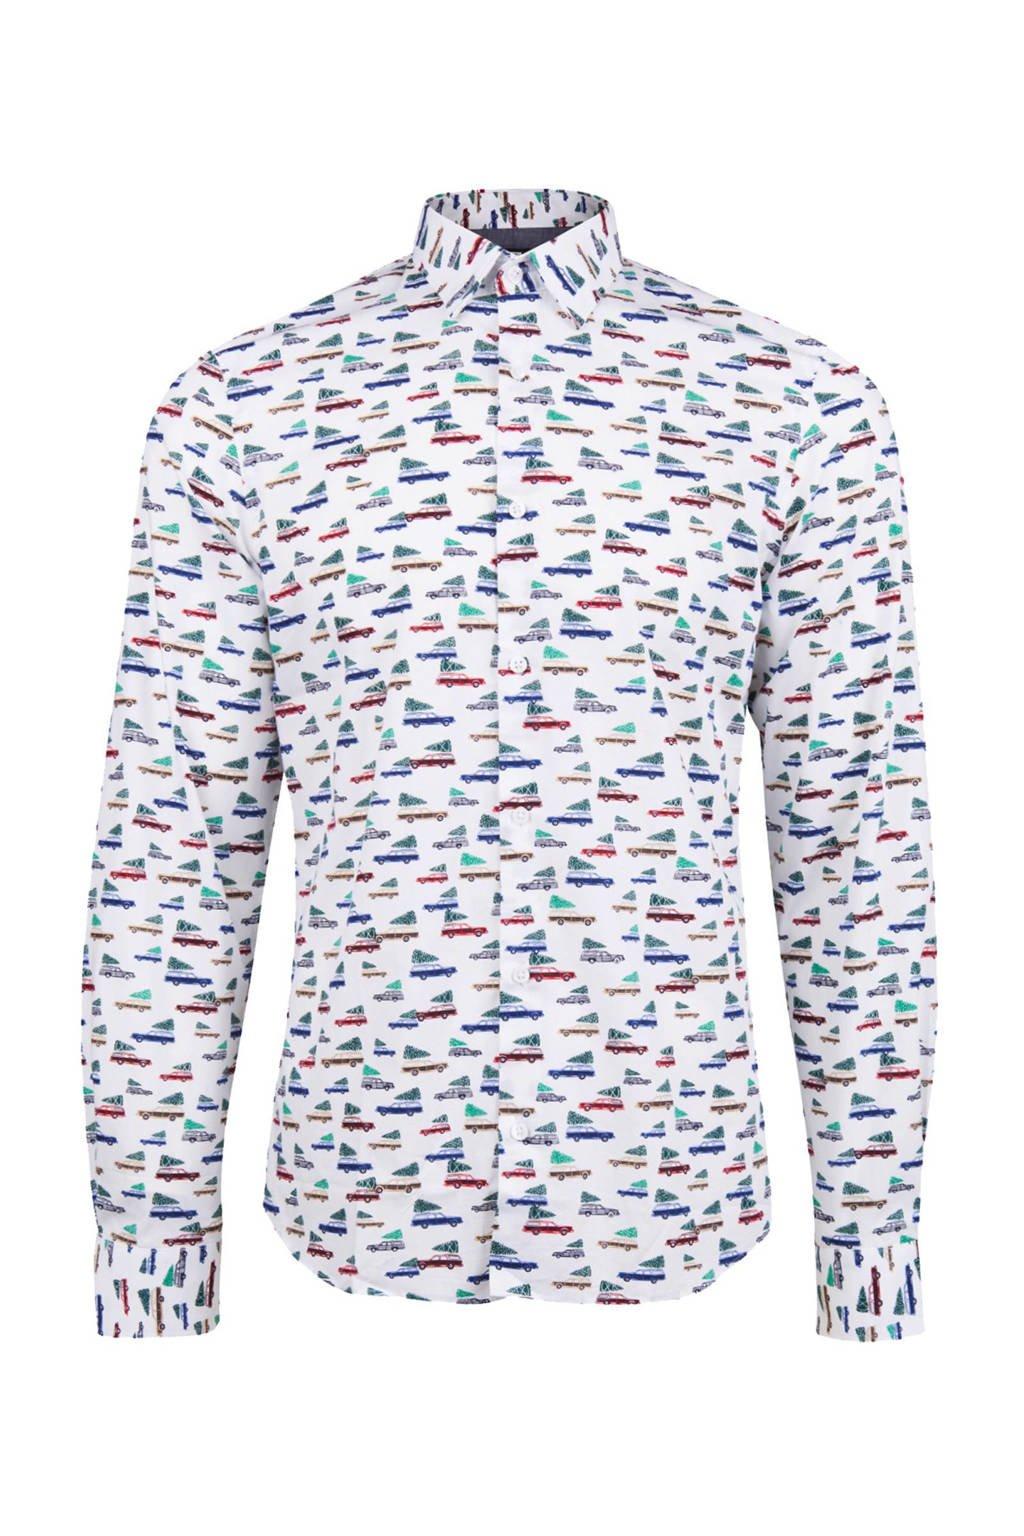 Kerst Overhemd.We Fashion Slim Fit Kerst Overhemd Wehkamp